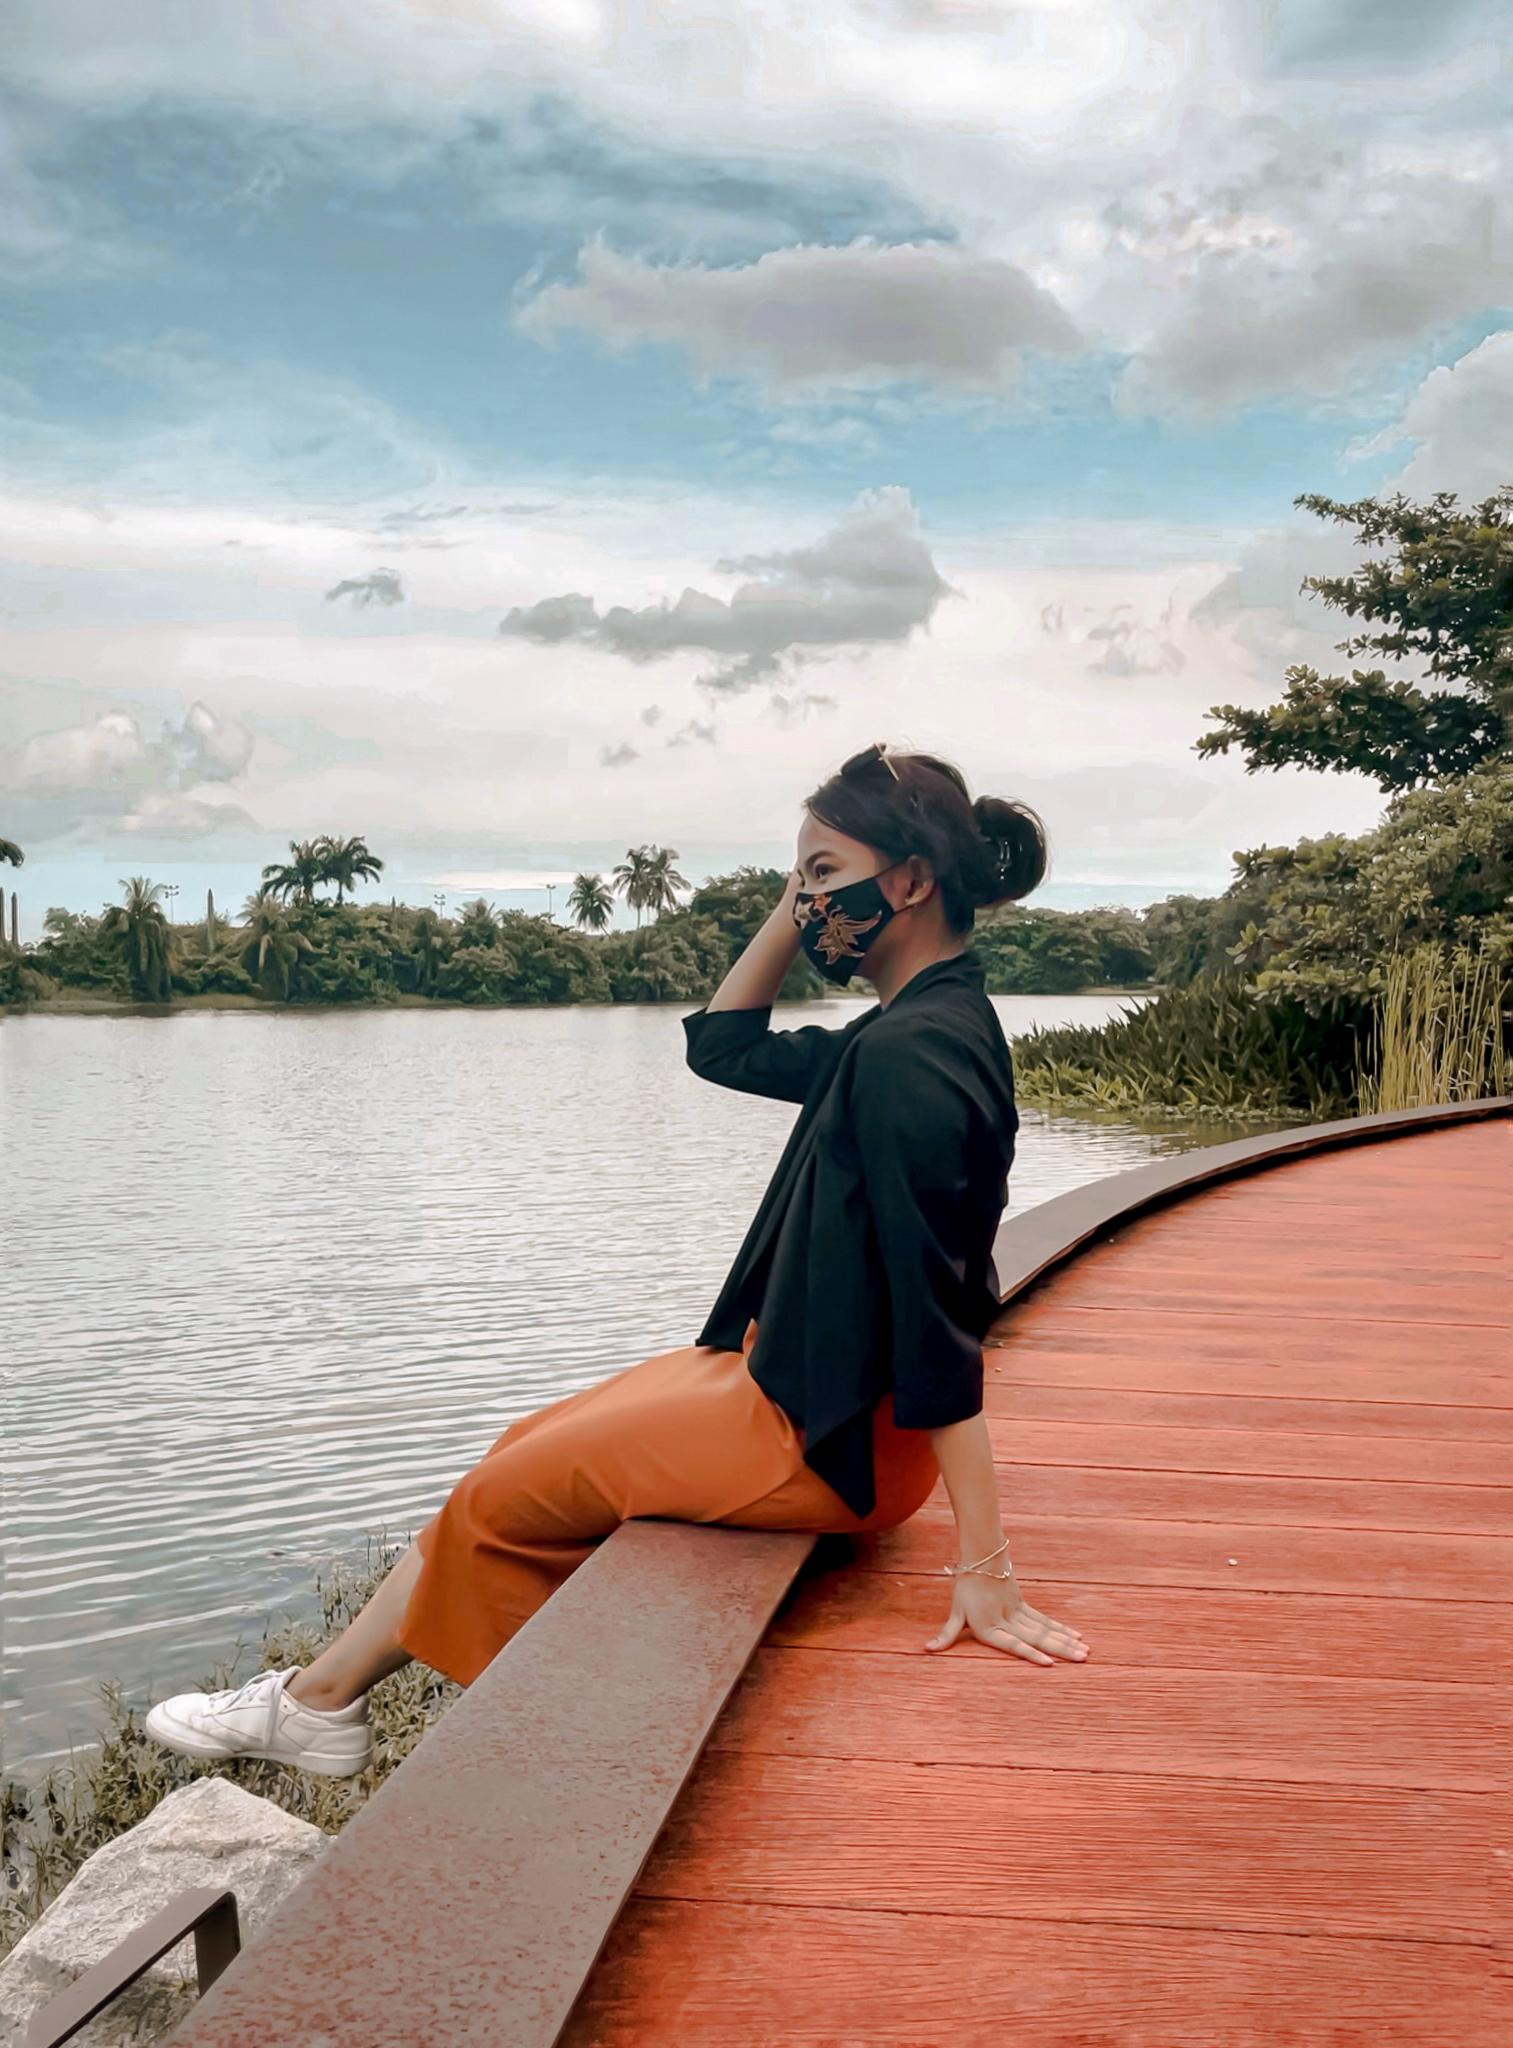 jurong-lake-gardens-rasau-walk